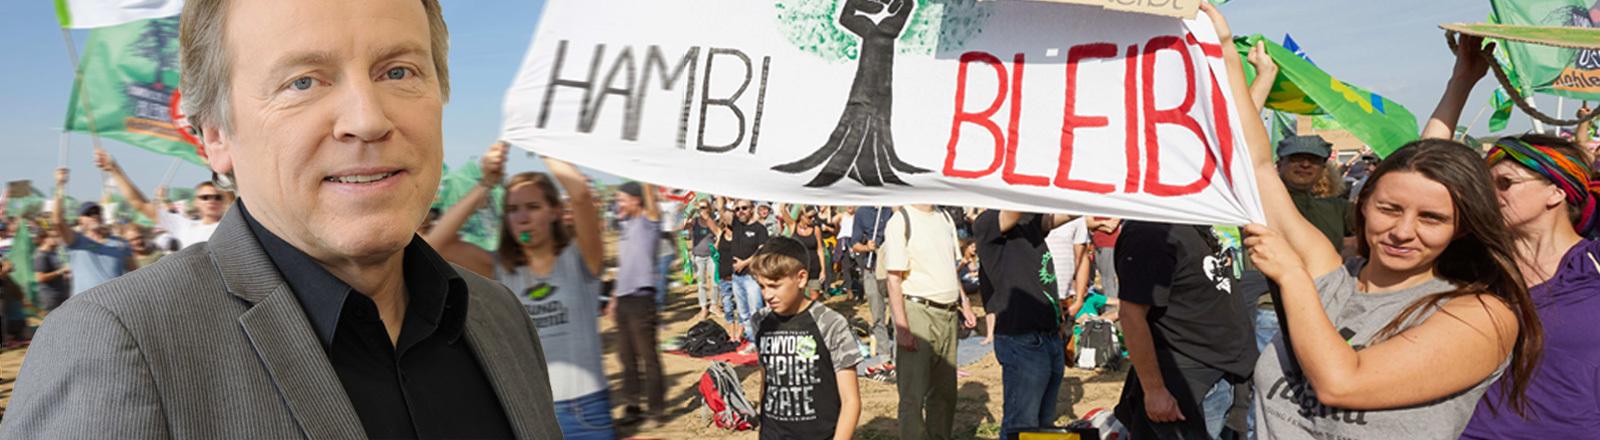 Proteste am Hambacher Forst gegen den Braunkohleabbau von RWE. Vorne links, das Portrait von Korrespondent Jürgen Döschner